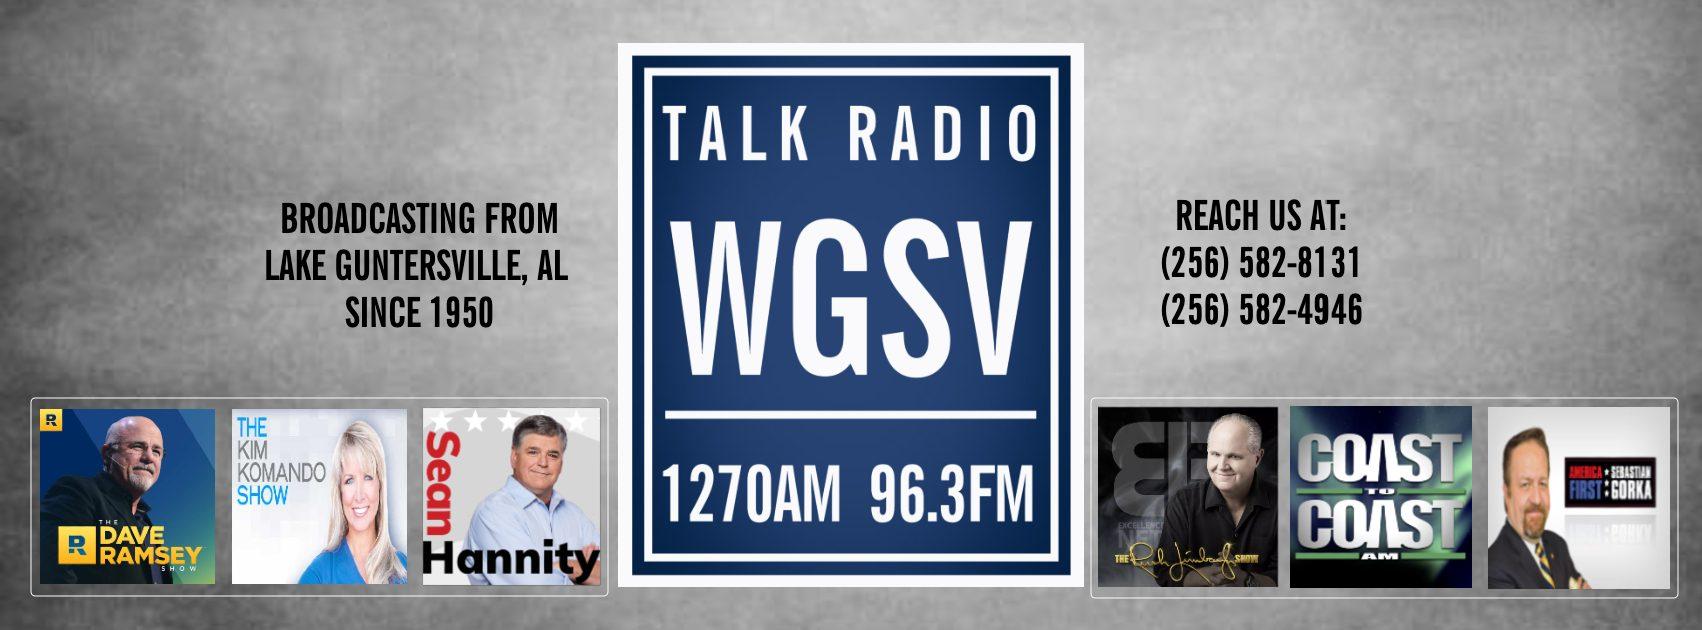 WGSV FB Cover Using Dec. 2020